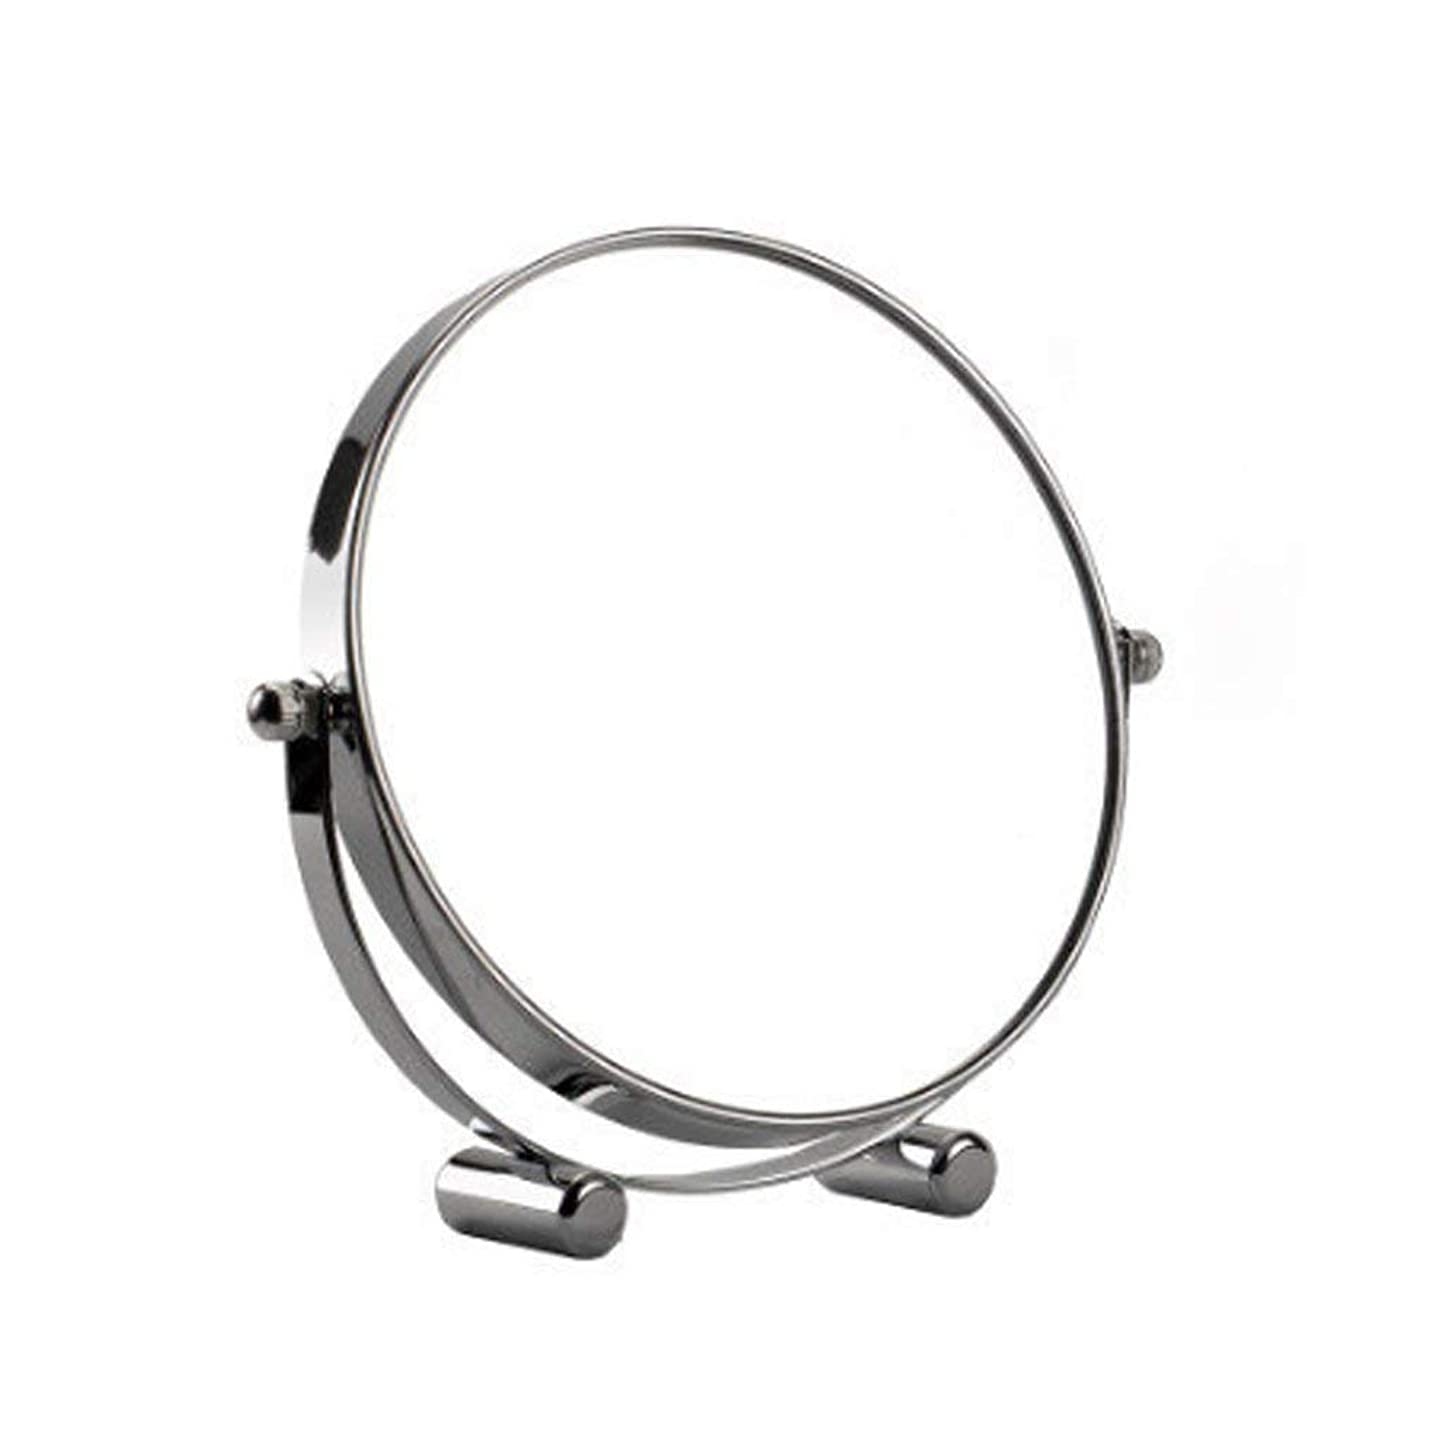 四抽選繊細化粧鏡360°回転式円形両面3x倍率Continental HDバニティミラートラベルポータブルデスクトップシェービングミラー(シルバー)(サイズ:17cm)